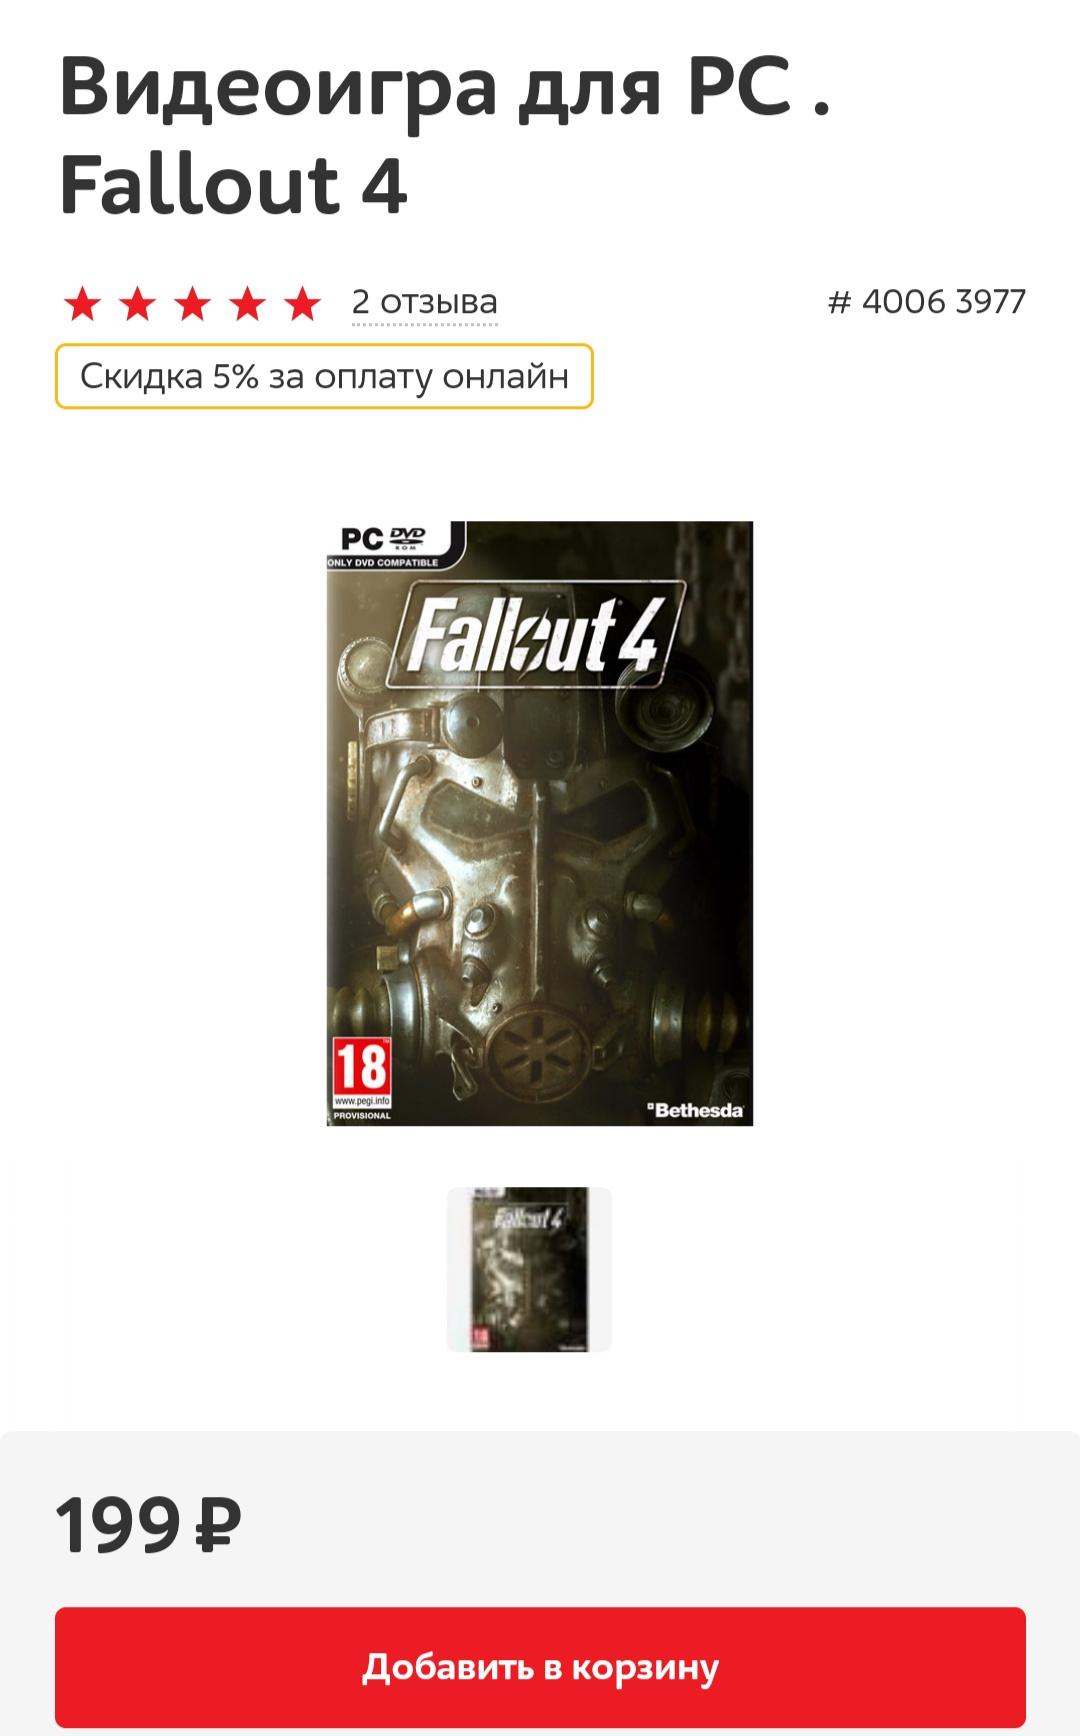 В Мвидео для любителей физических копий можно взять Fallout4 за 199 руб.